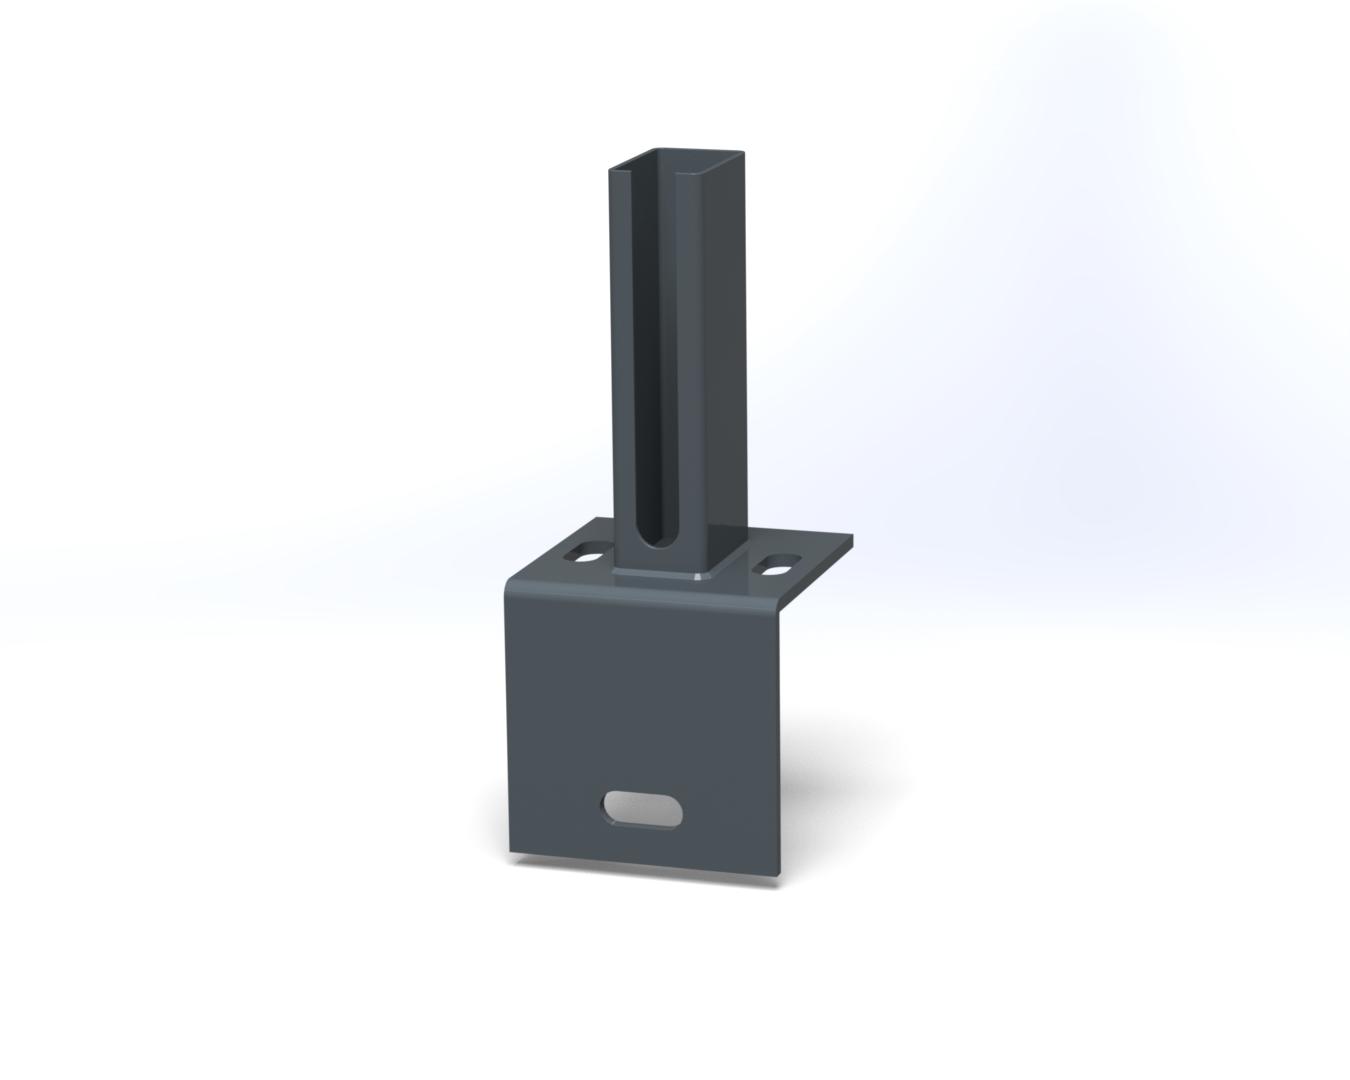 Bodenplatte Fußplatte Adapter anthrazit doppelstabmattenzaun Zaunpfosten Zubehör